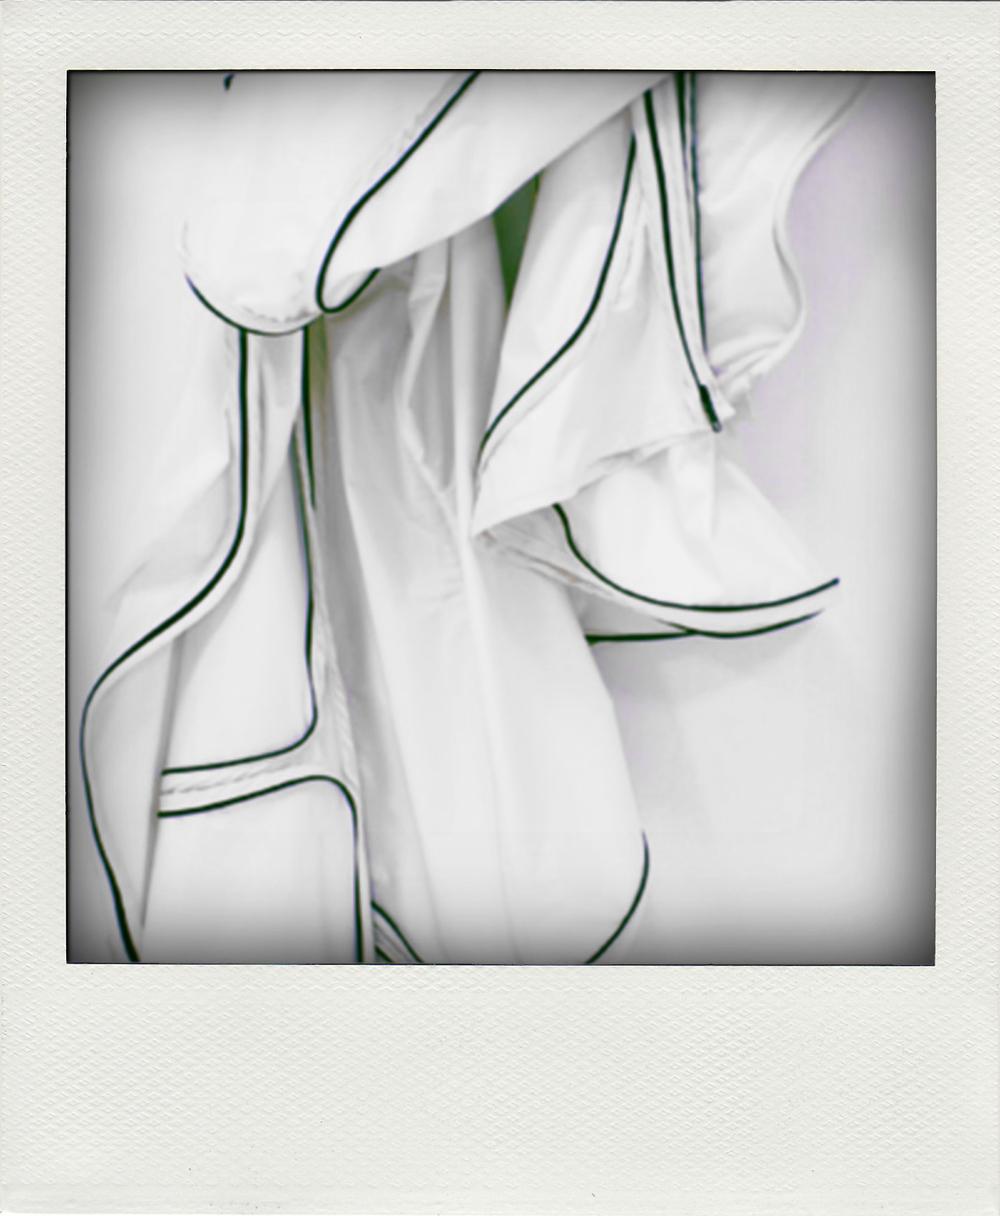 petal_03.jpg